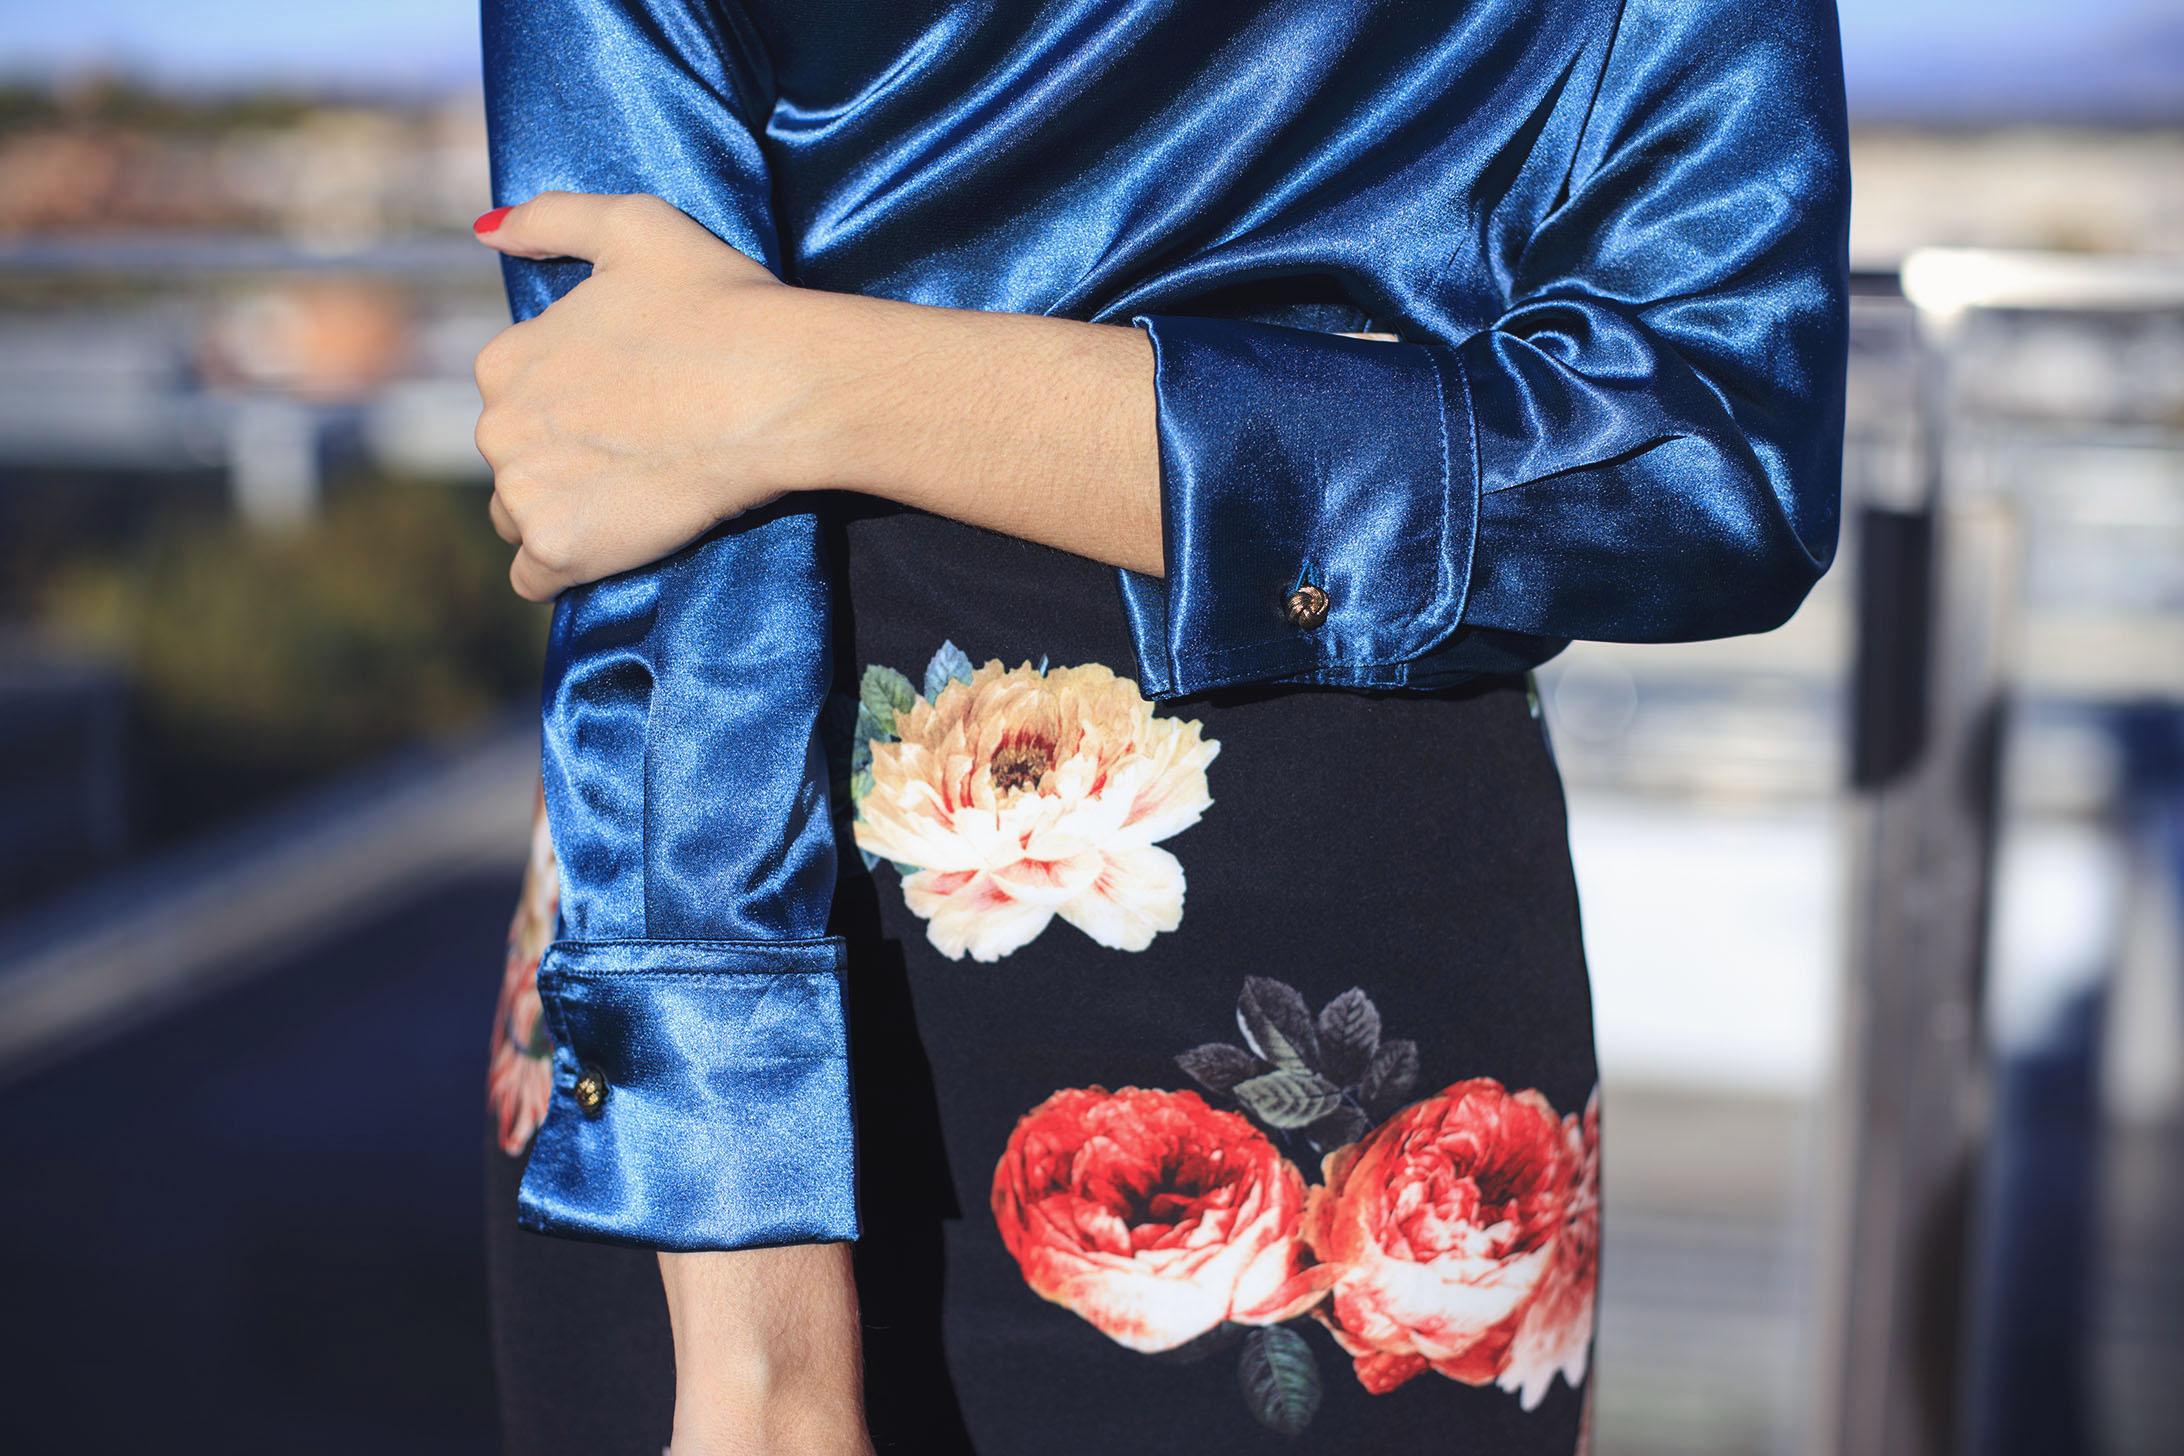 Look navidad bautizo comuniones falda flores blusa